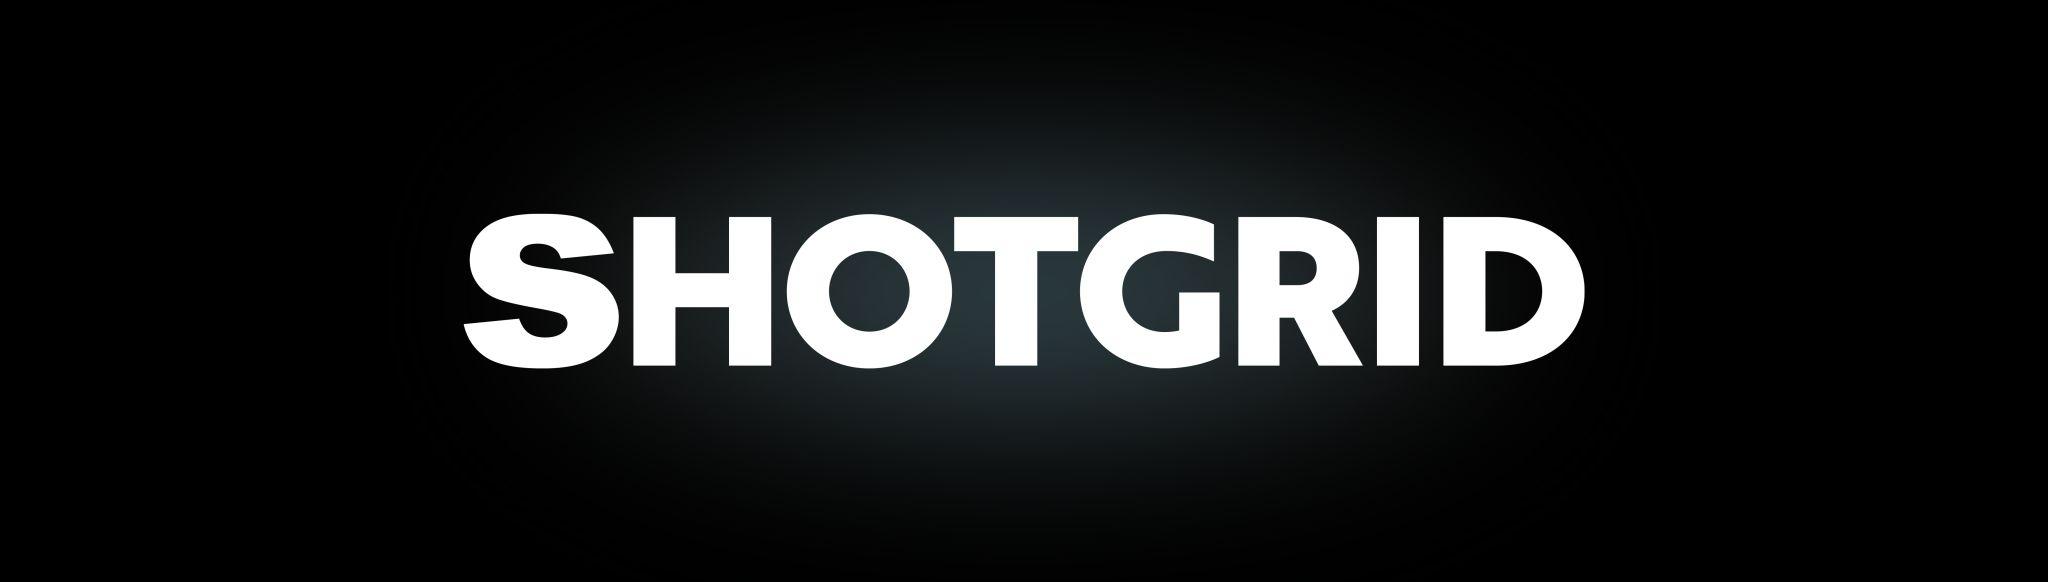 Shotgrid logo